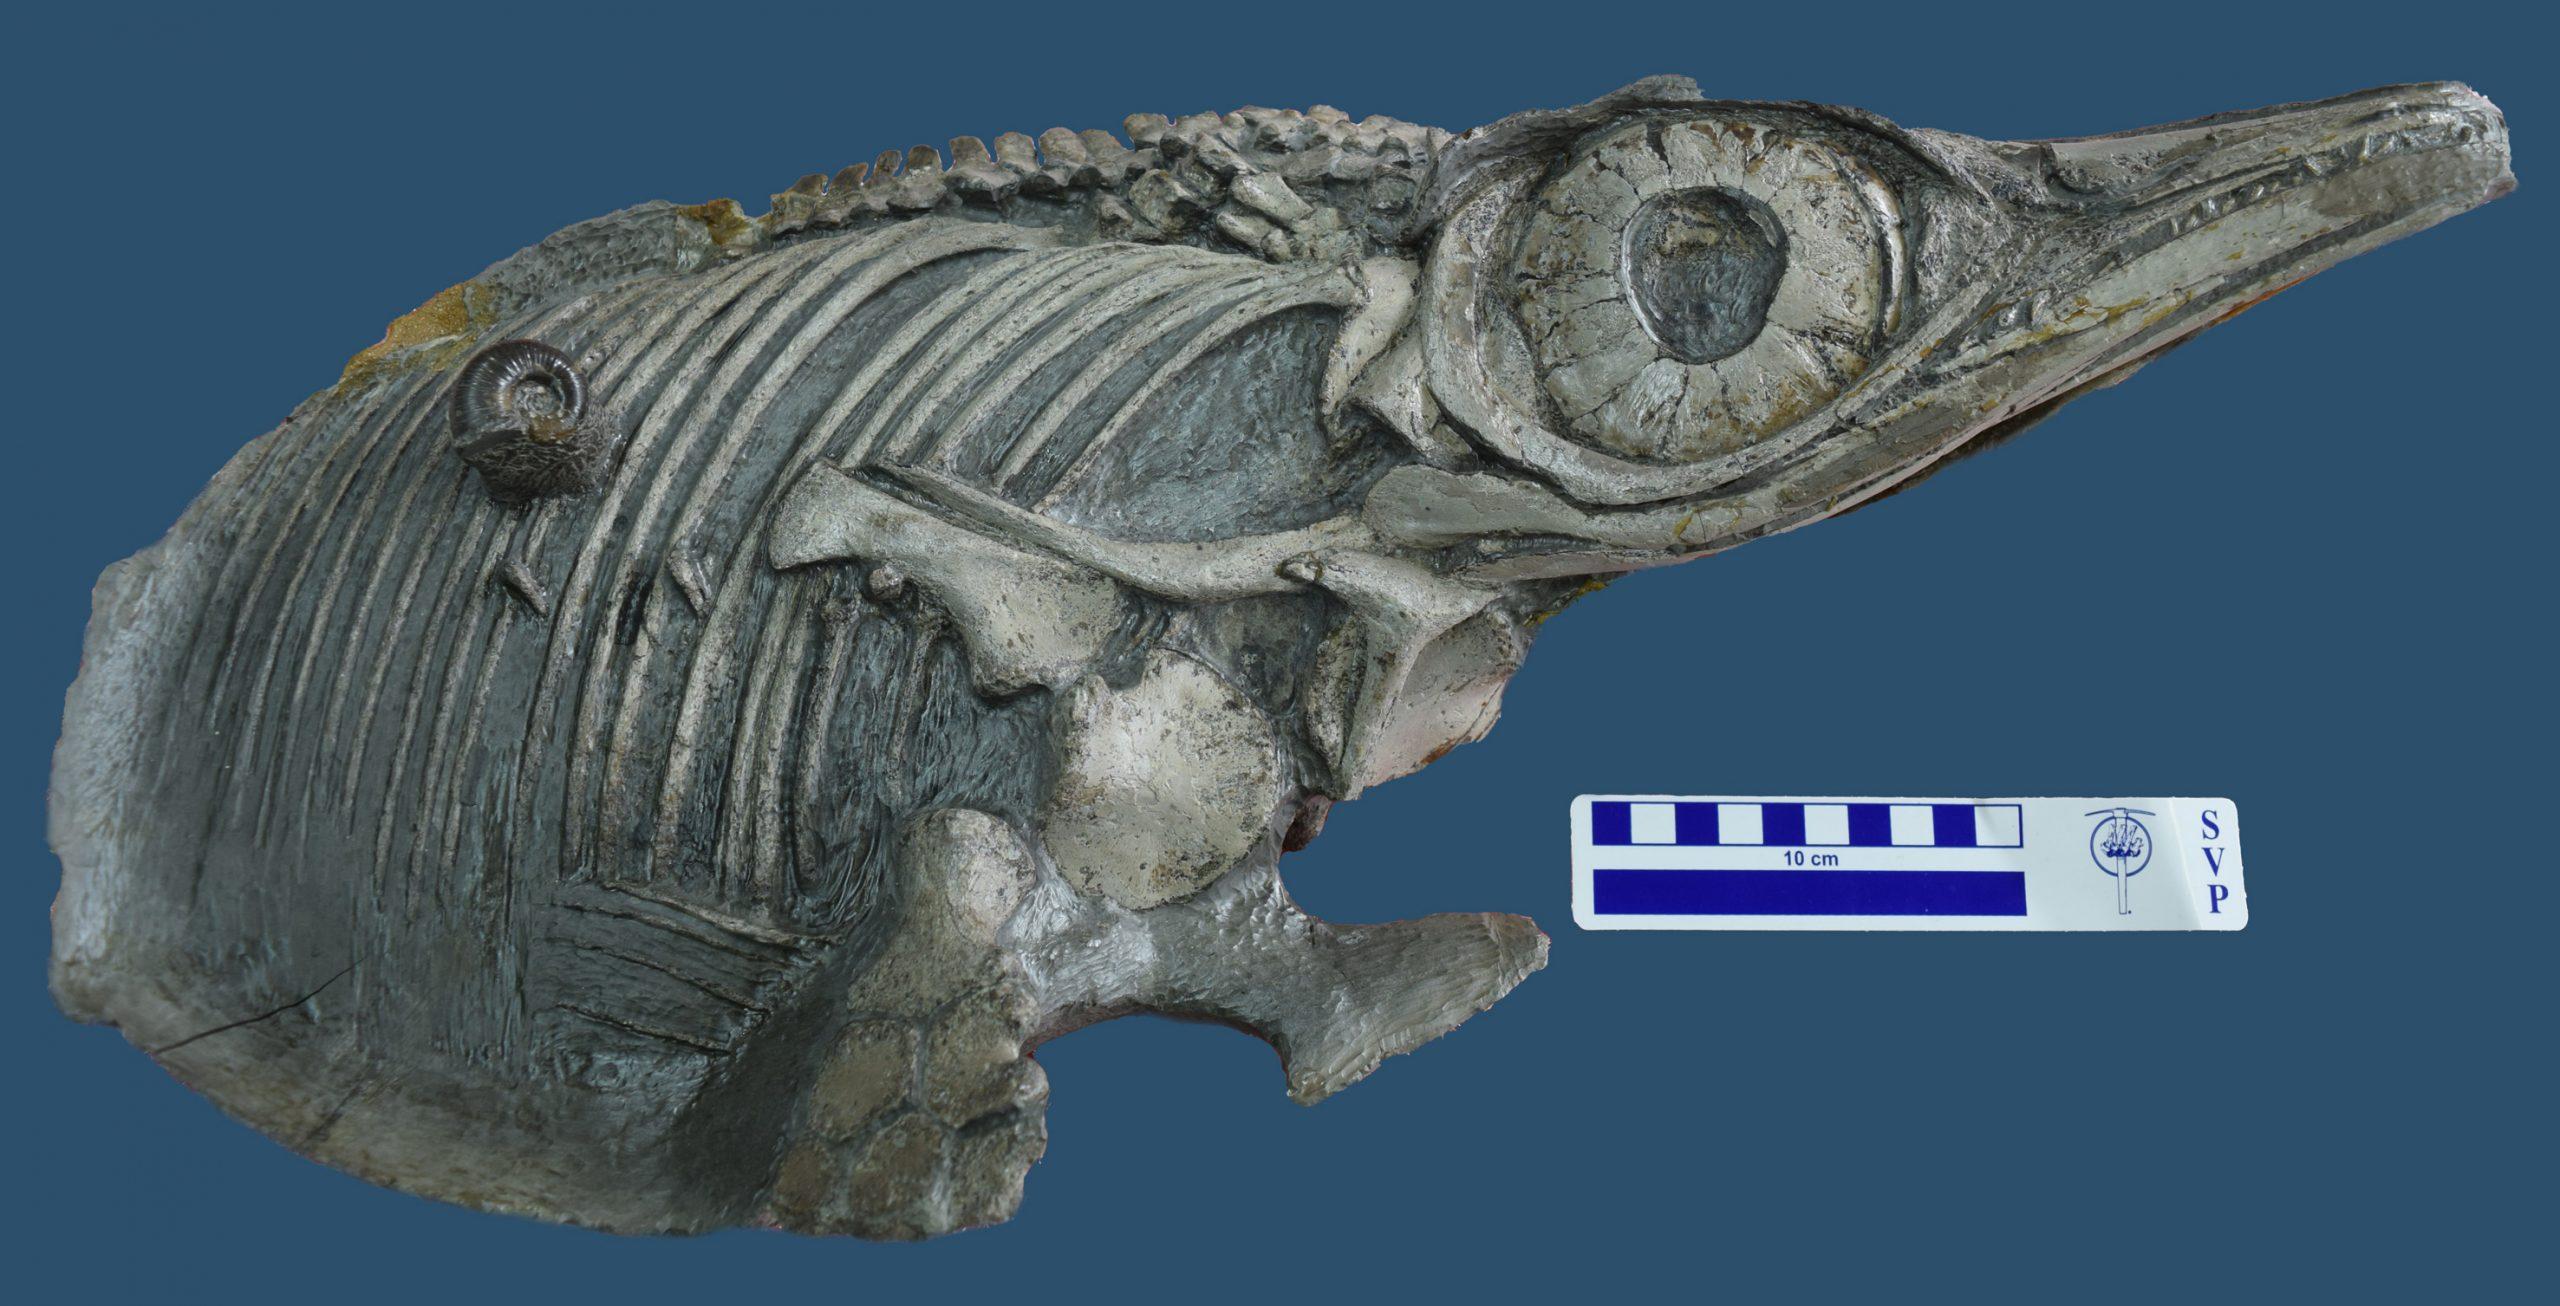 Neue Fischsaurier-Art aus dem südwestdeutschen Jurameer identifiziert